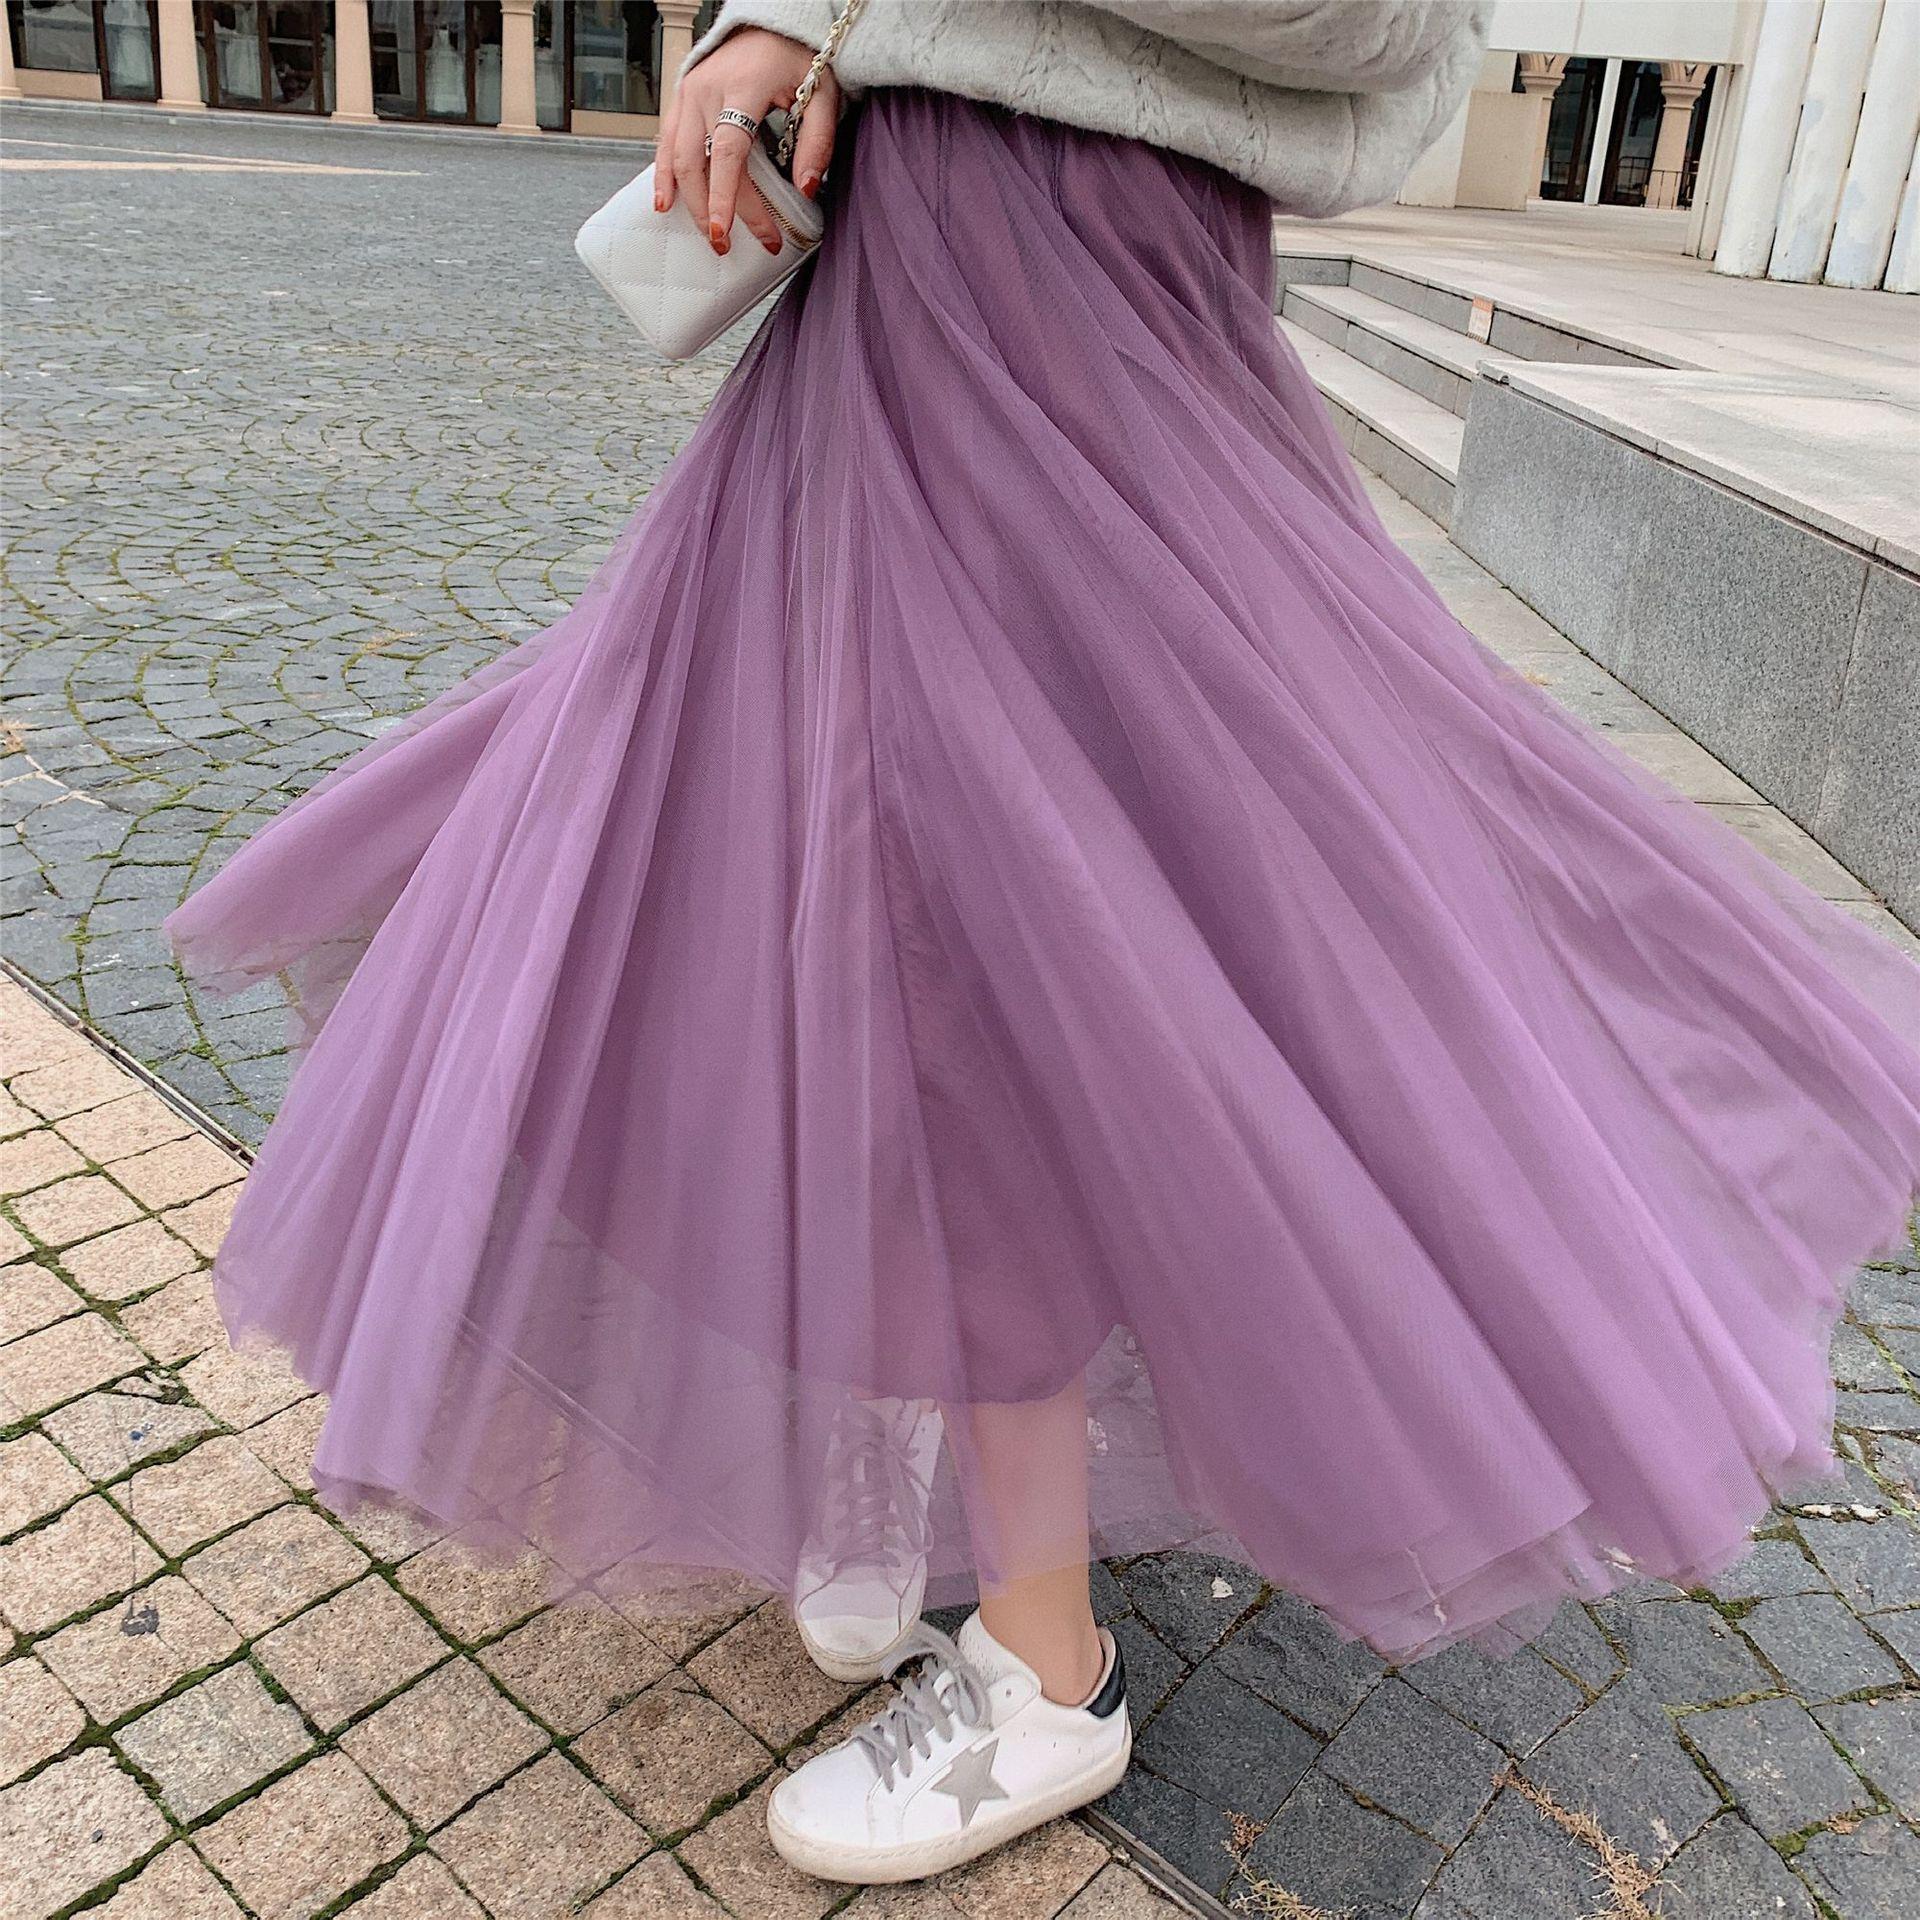 DS 紫色紗裙 長裙 14色 實拍 超大裙擺 網紗半身裙 百褶裙 鬆束腰 雙層 仙女 蓬蓬 大擺 a字